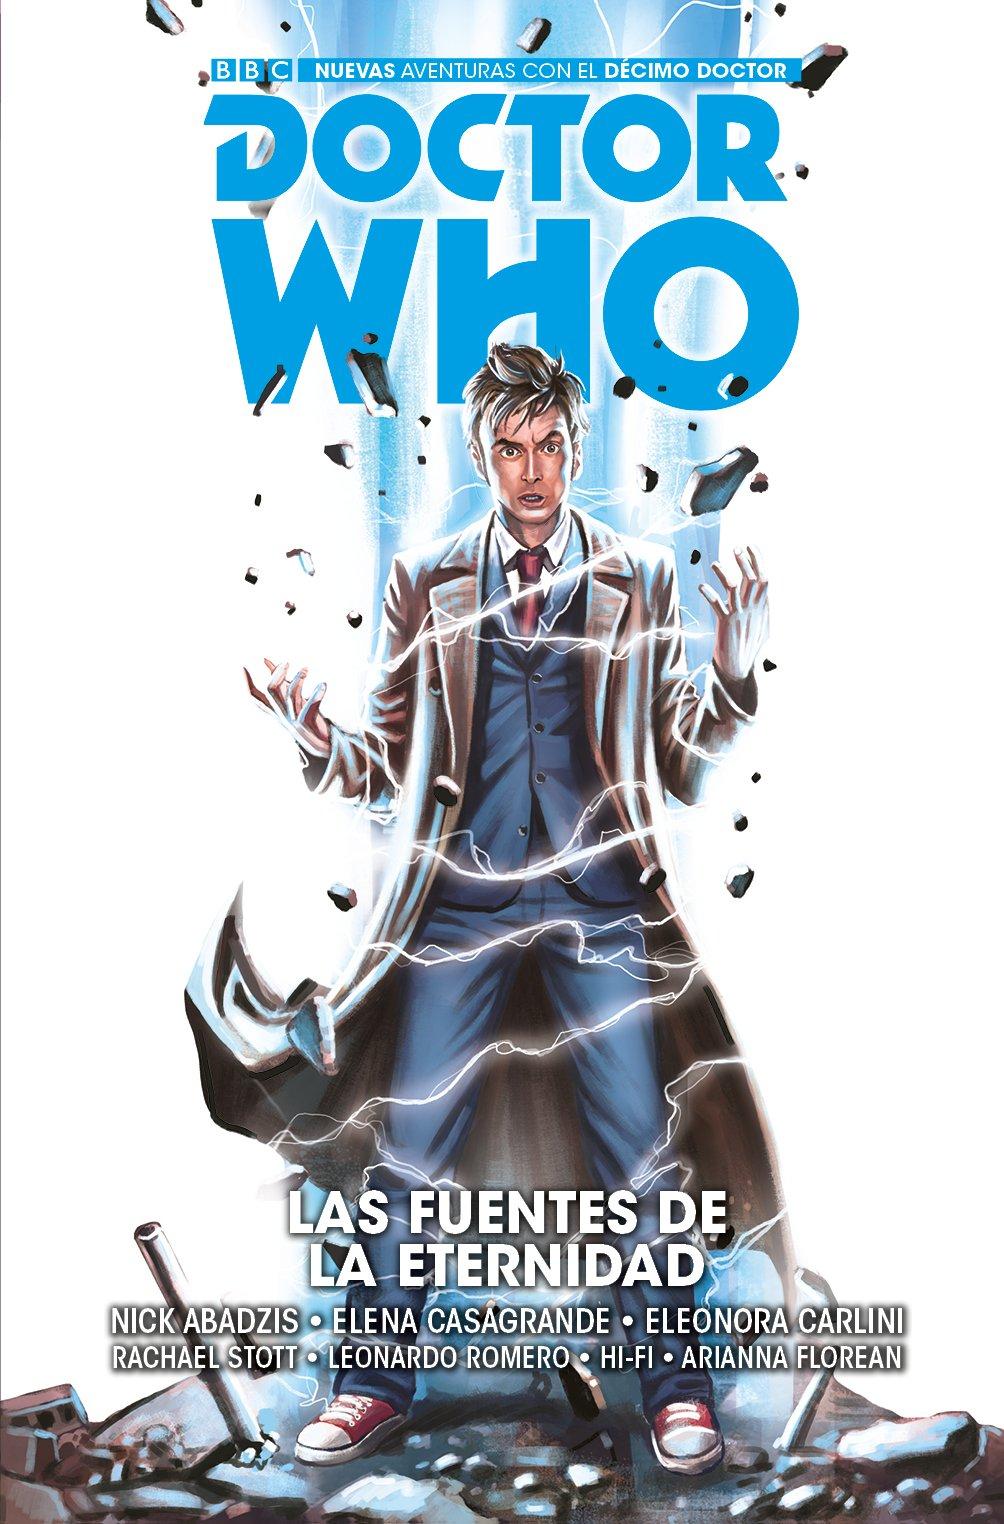 Fandogamia septiembre 2019 doctor who